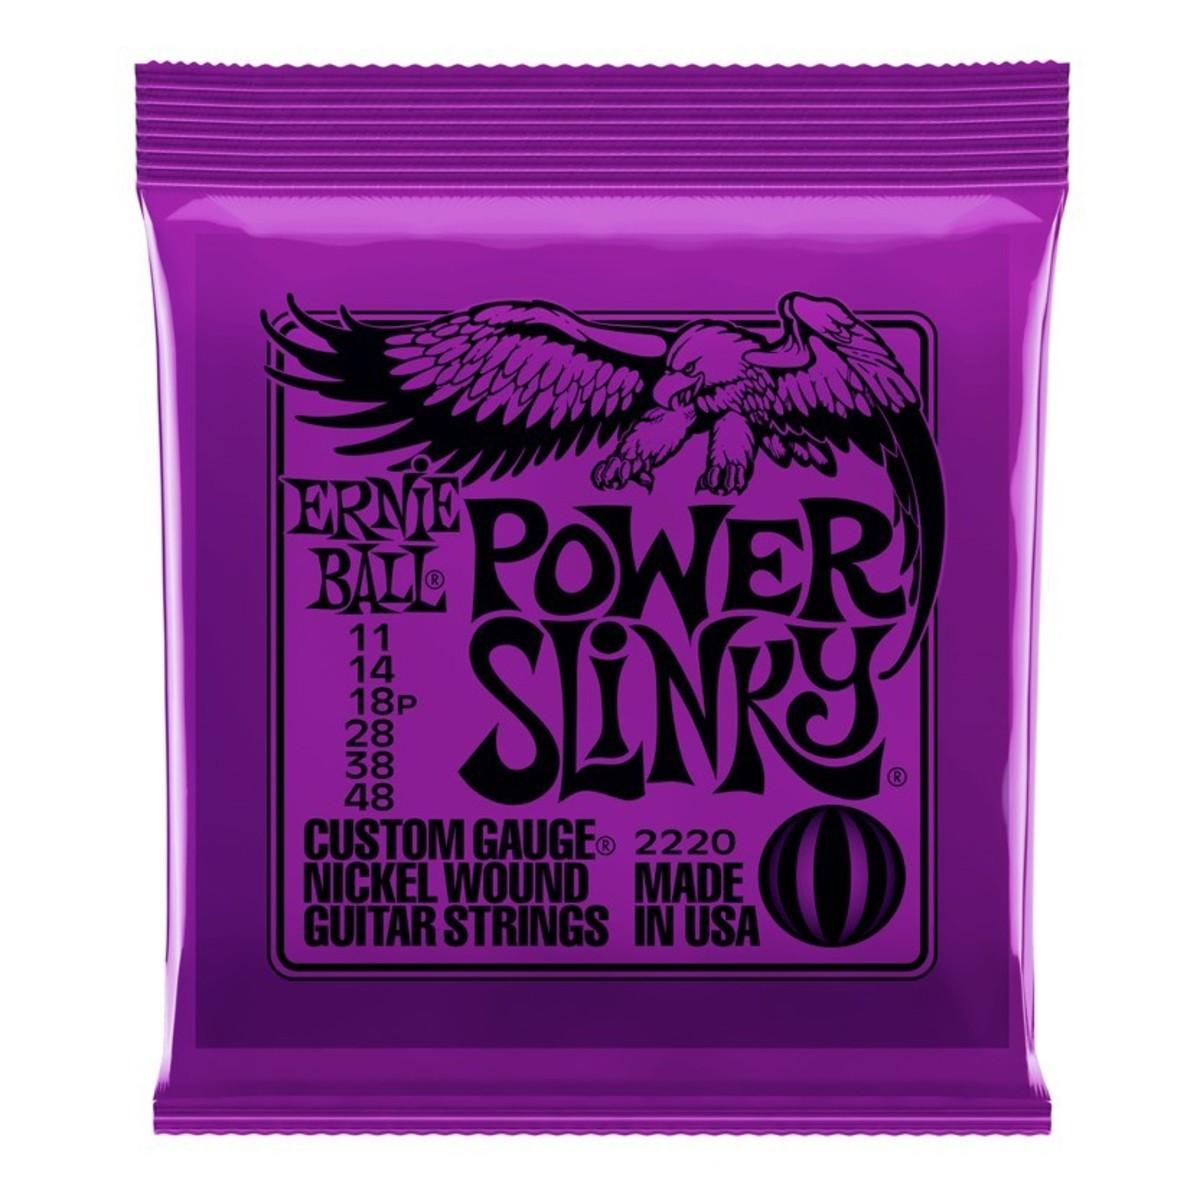 Encordoamento Para Guitarra Ernie Ball Power Slinky 011 2220